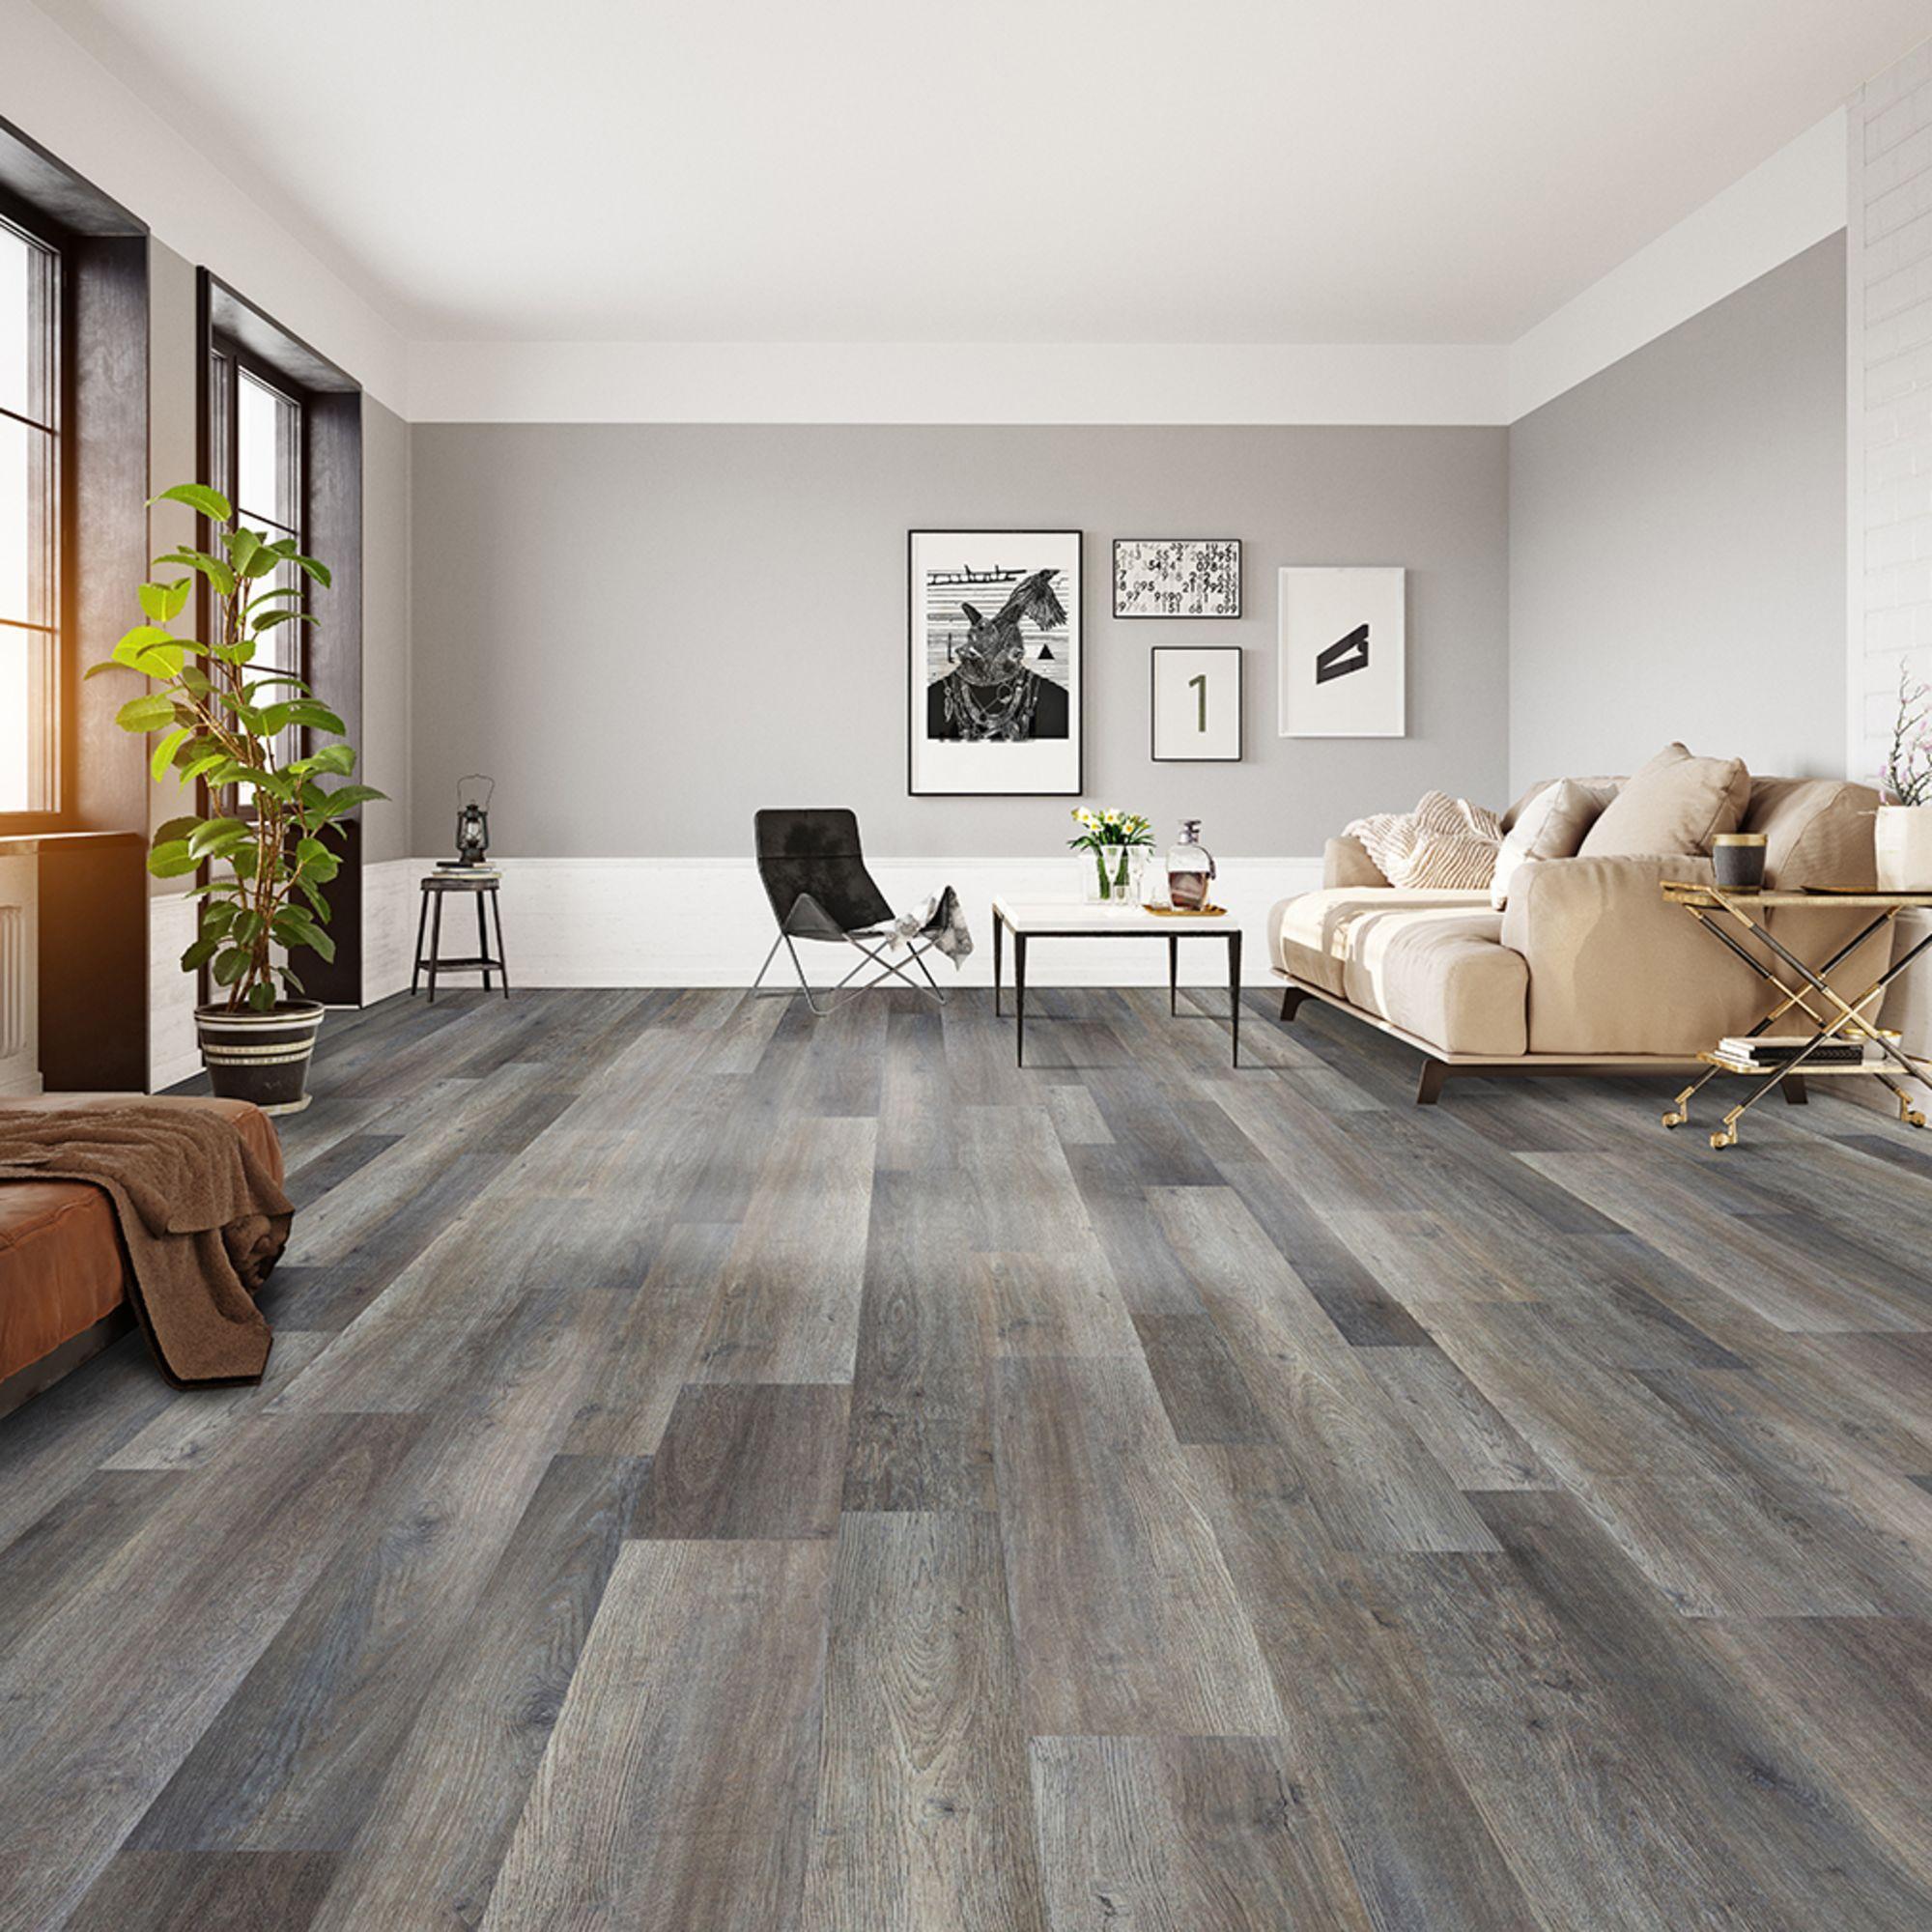 Southwind Lvt Authentic Mix Weathered, Southwind Laminate Flooring